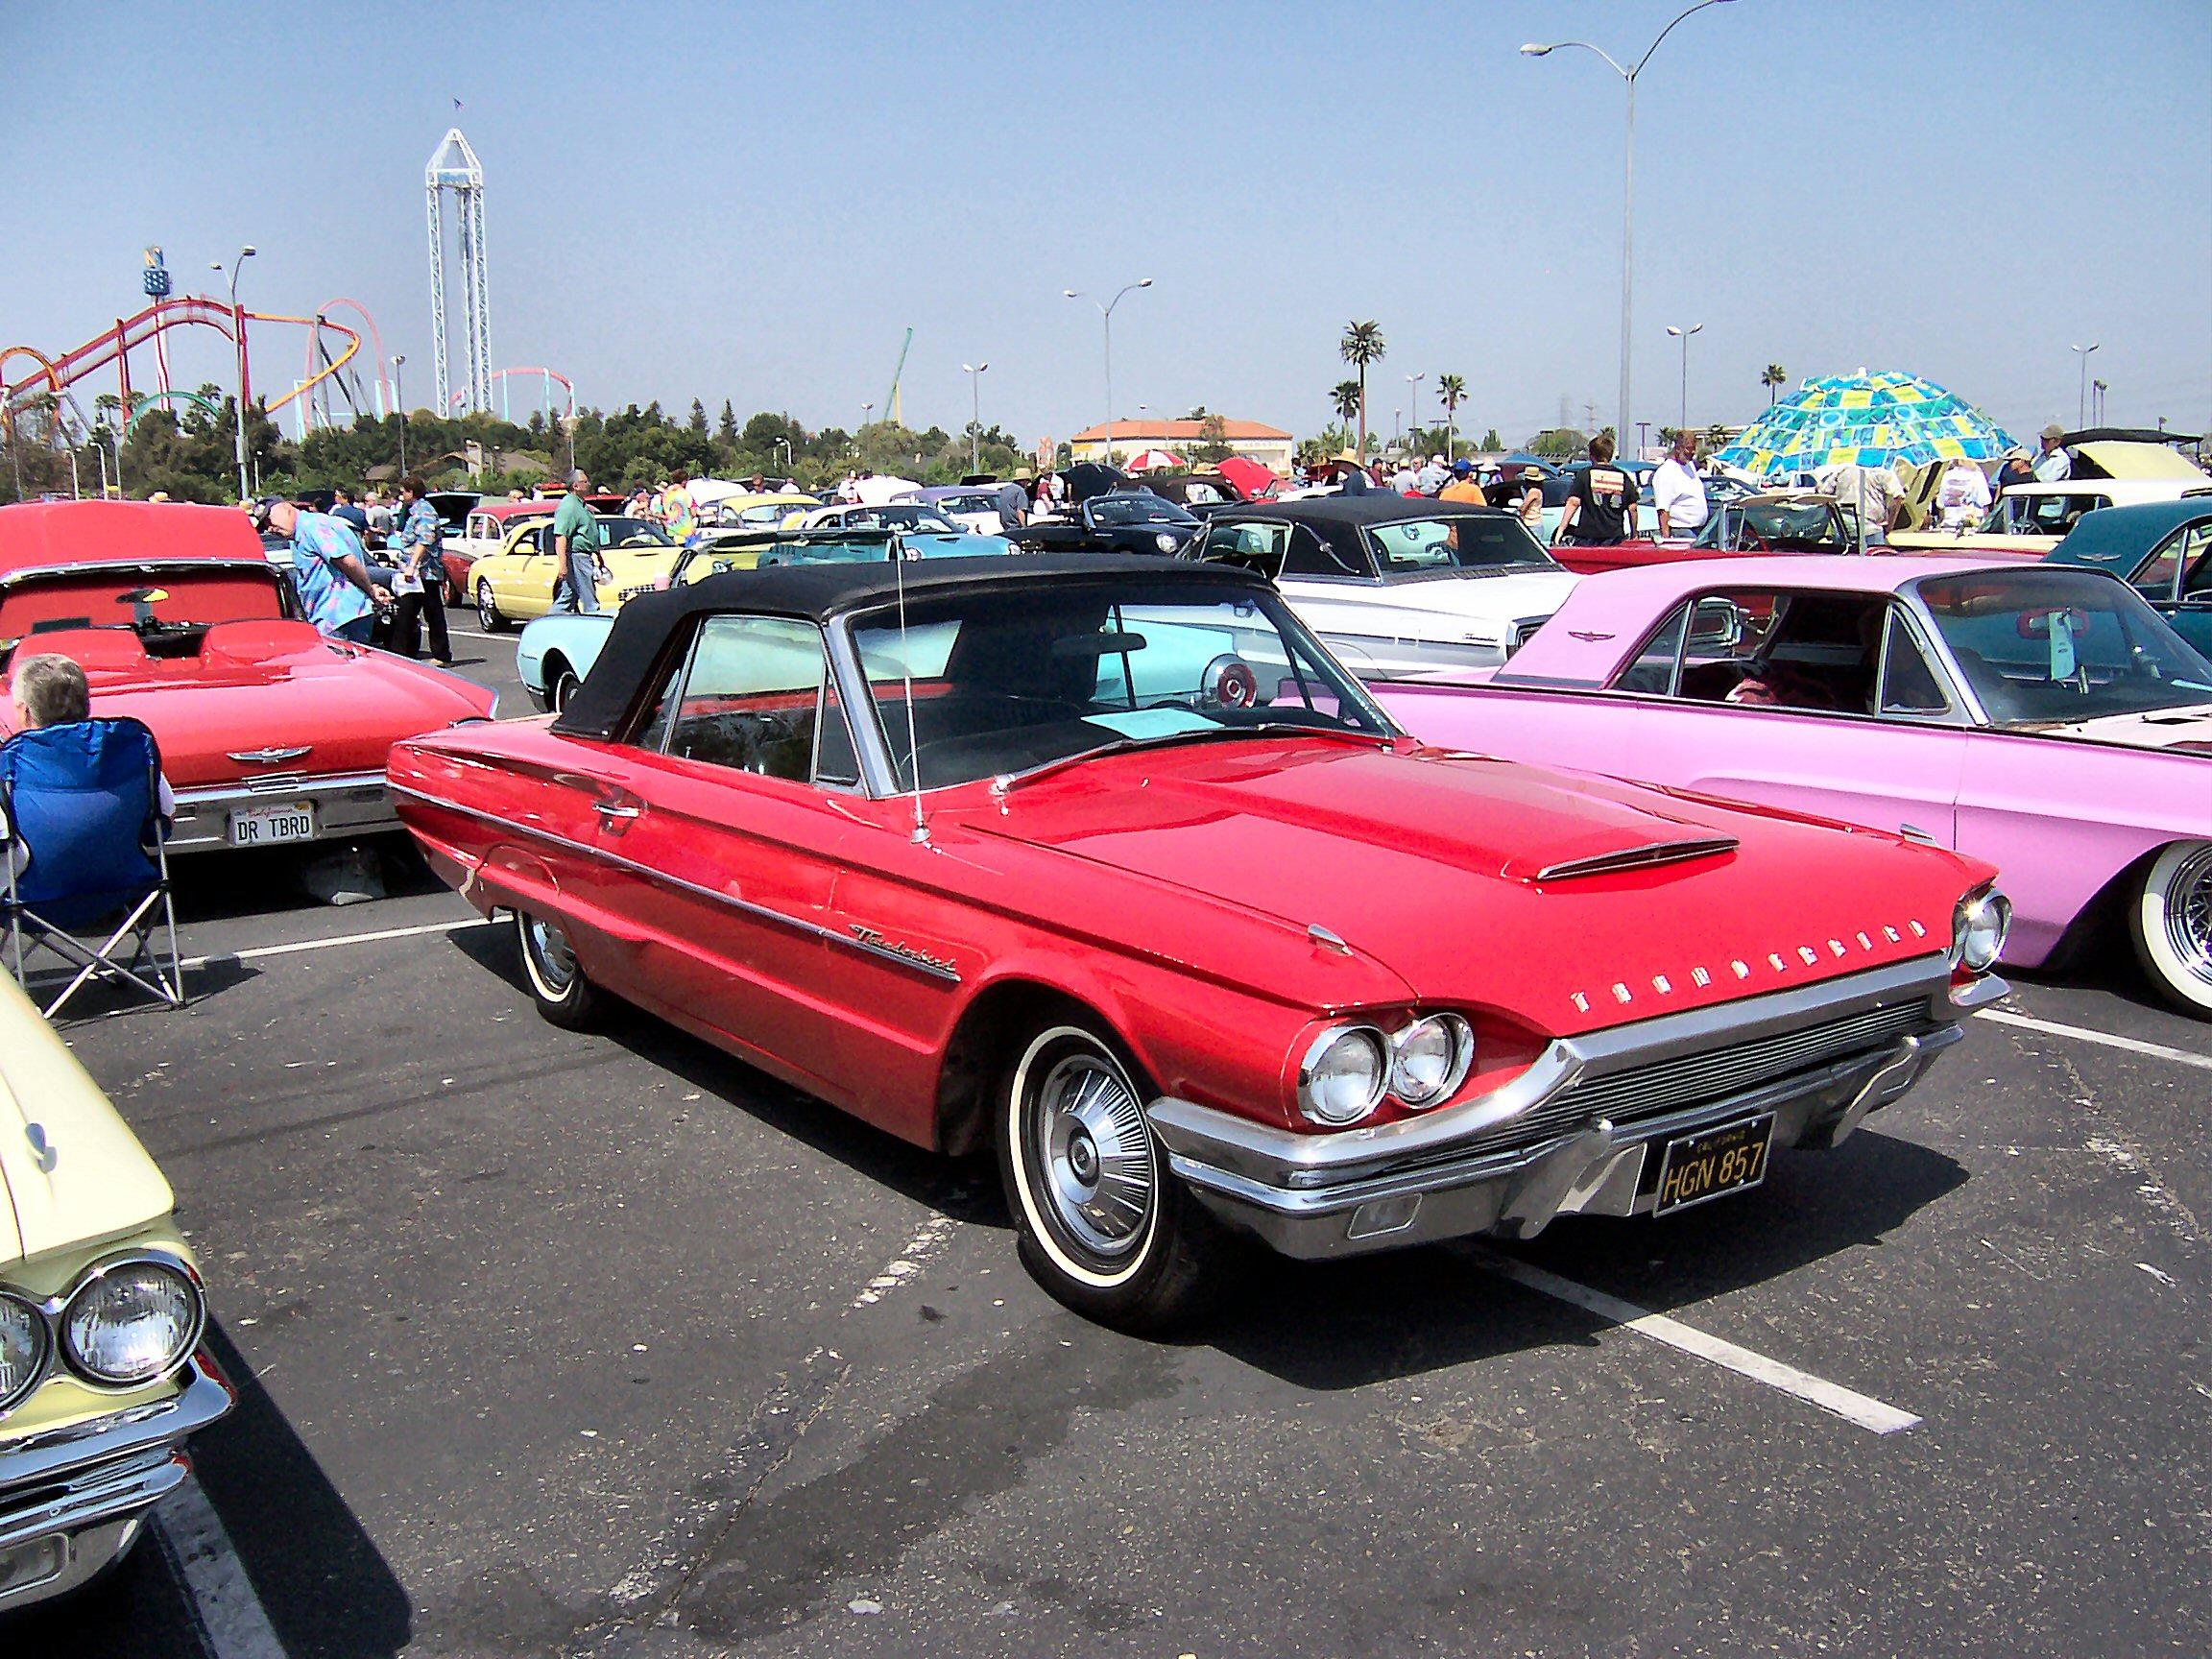 Deze licentietag is toegevoegd aan dit bestand in verband met de GFDL    Ford Thunderbird 1964